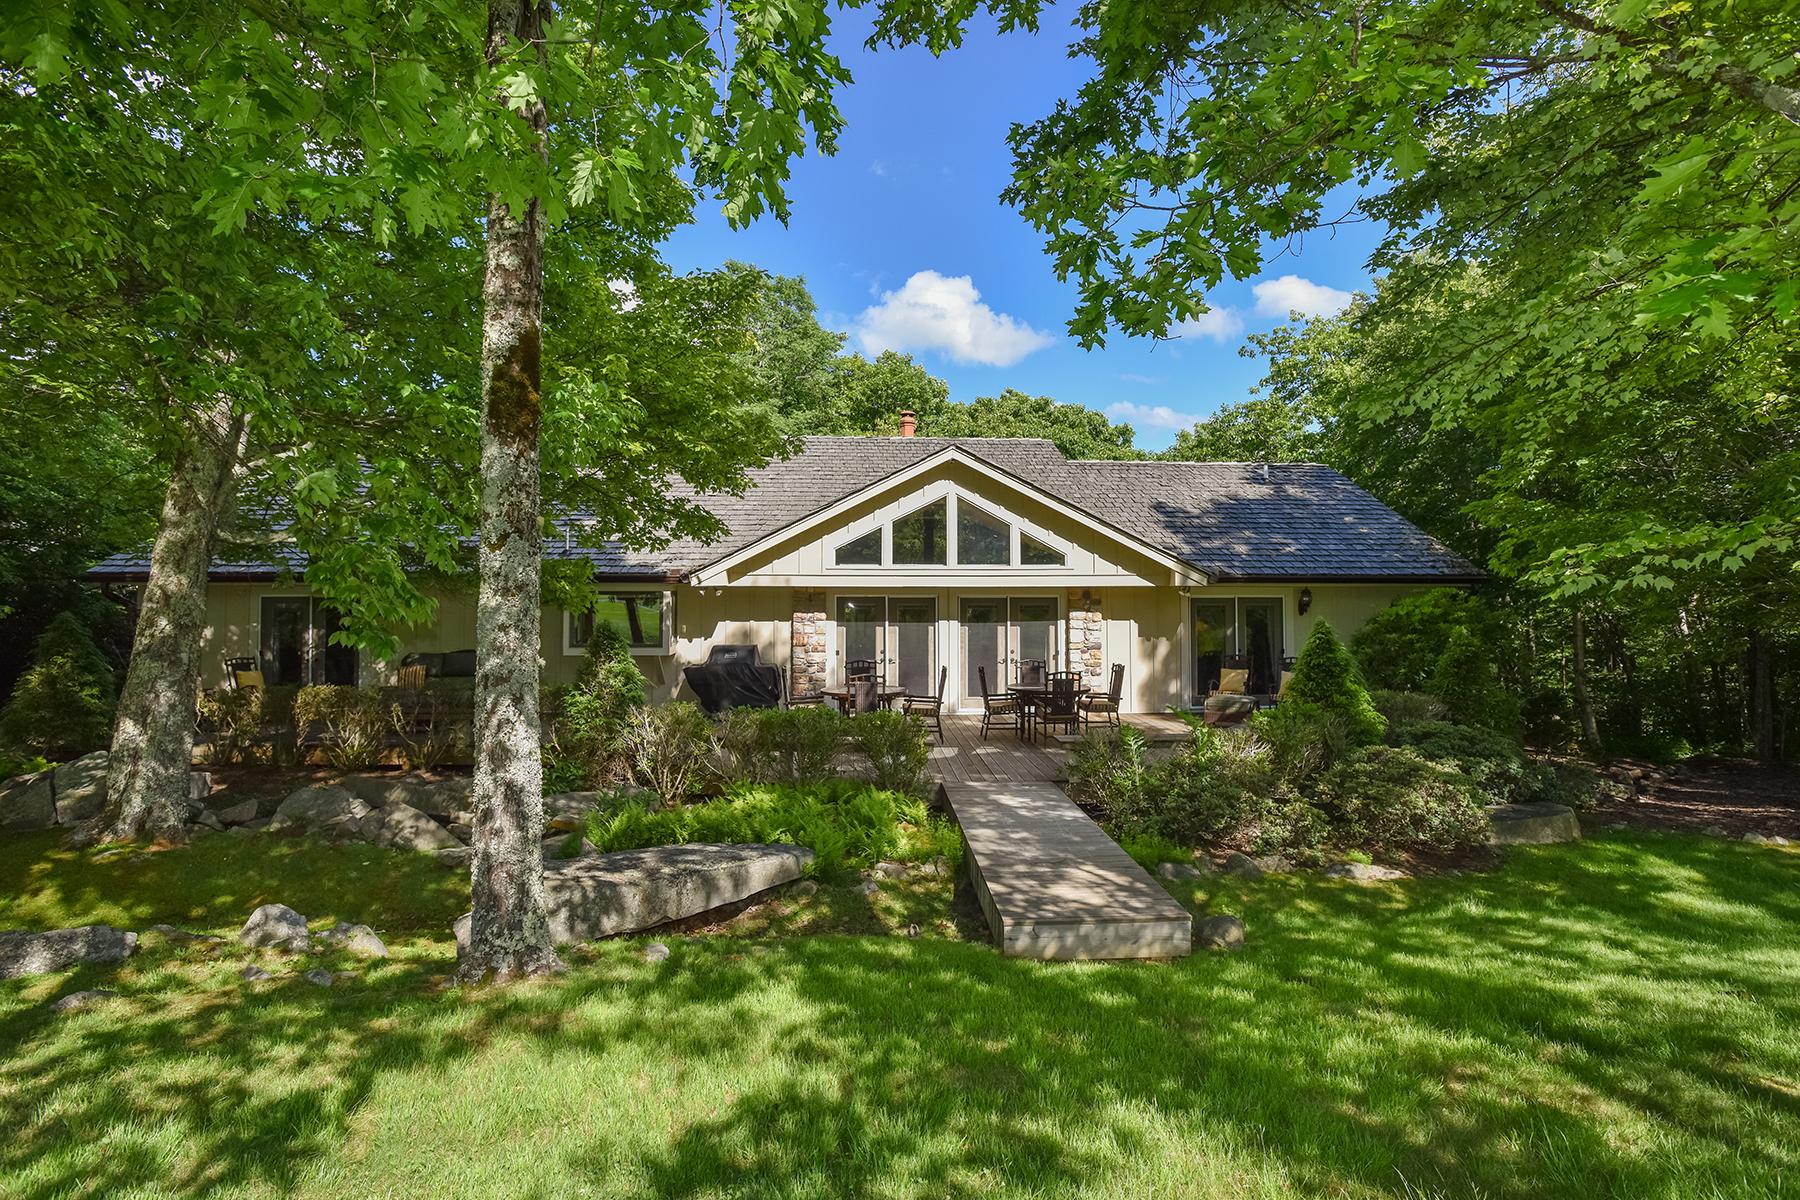 Maison unifamiliale pour l Vente à LINVILLE RIDGE 404 Ridge Drive Linville, Carolina Du Nord, 28646 États-Unis